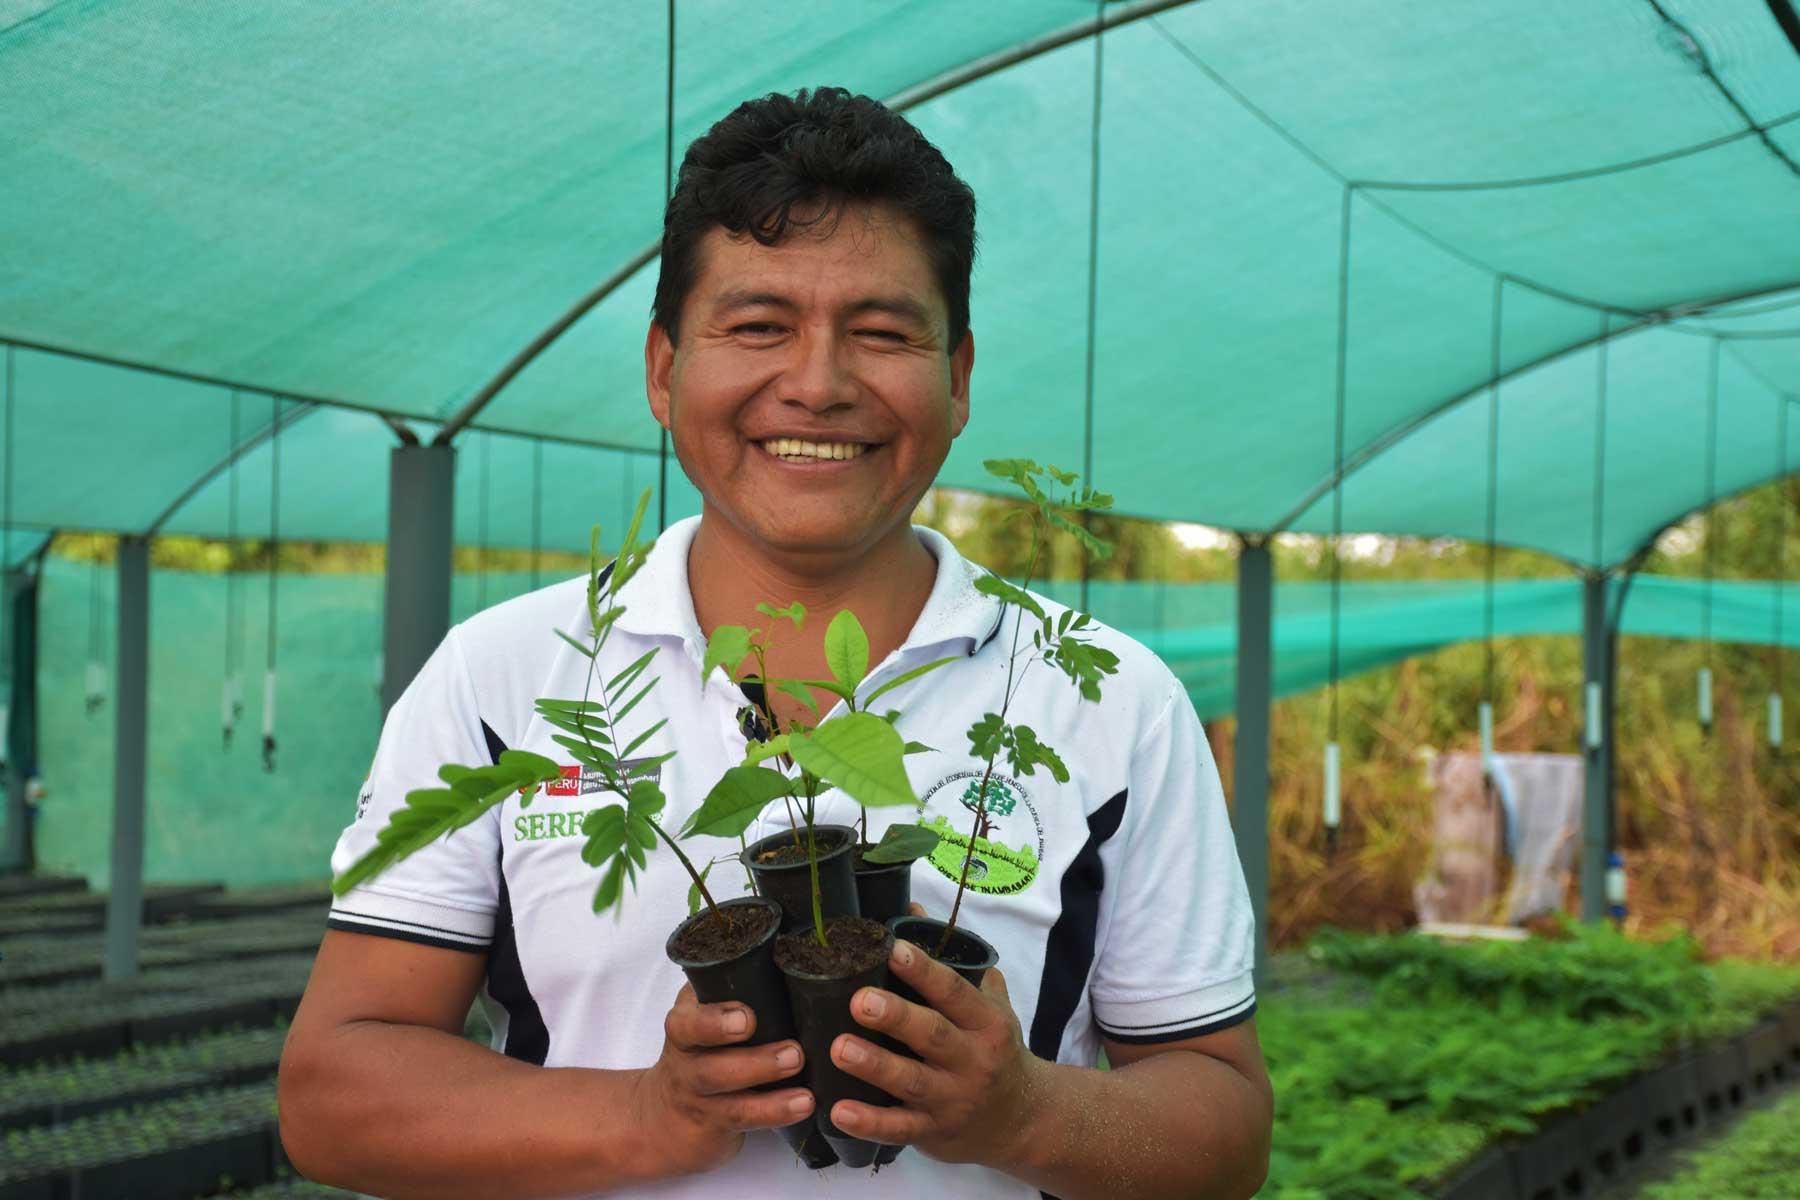 Todavía hay esperanza para detener la curva de deterioro de nuestro planeta. Foto: Nylva Hiruelas / WWF Perú.